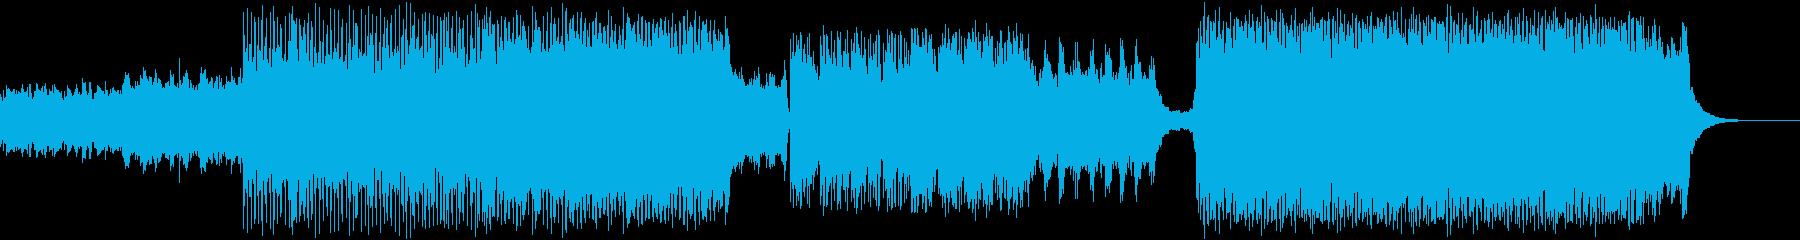 エレクトロ/ダンサブル/幻想的の再生済みの波形